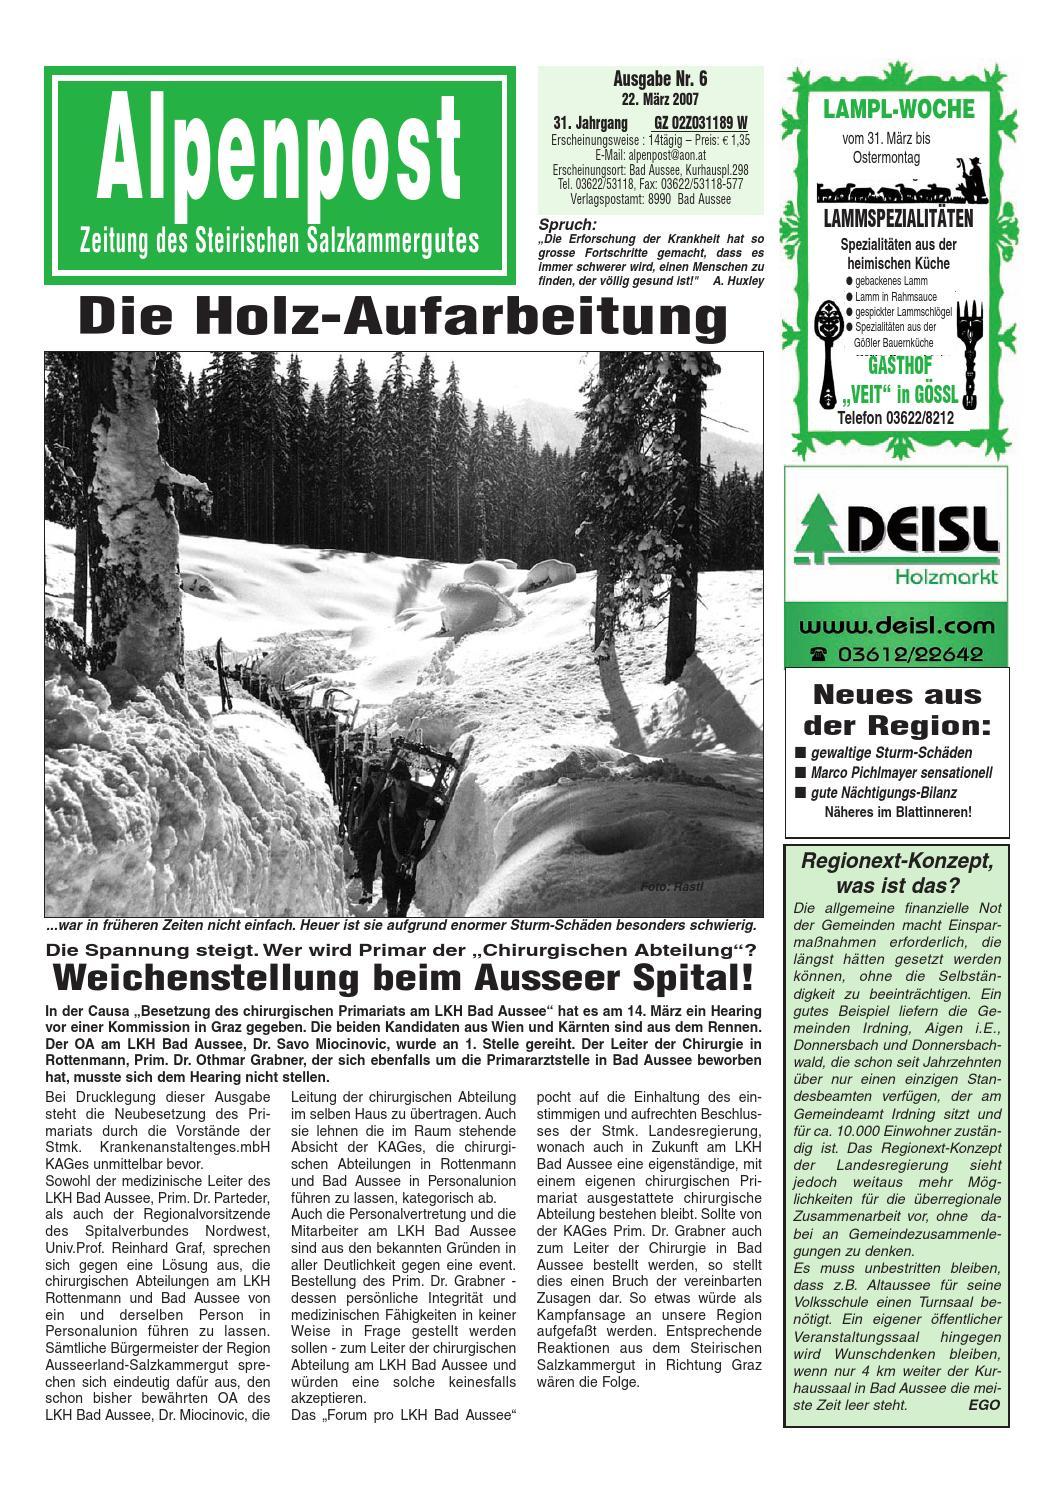 Alpenpost 06 2007 by Alpenpost Redaktion - issuu